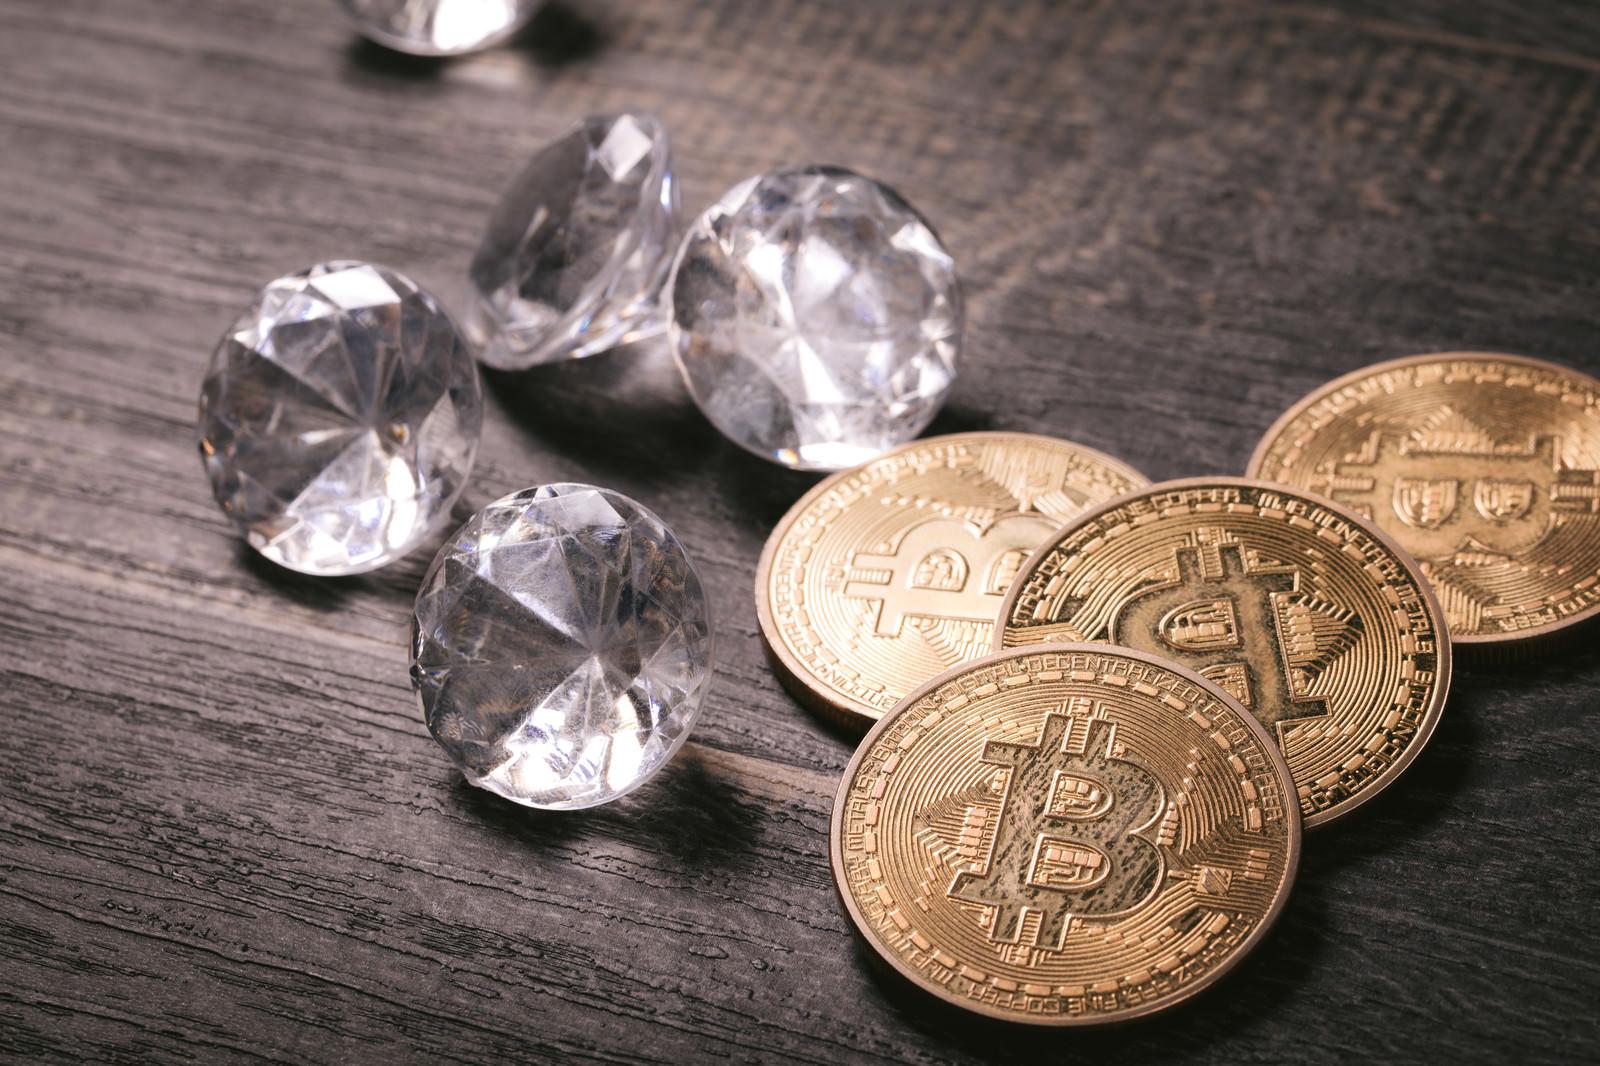 「ハードウォークで分裂したコイン」の写真